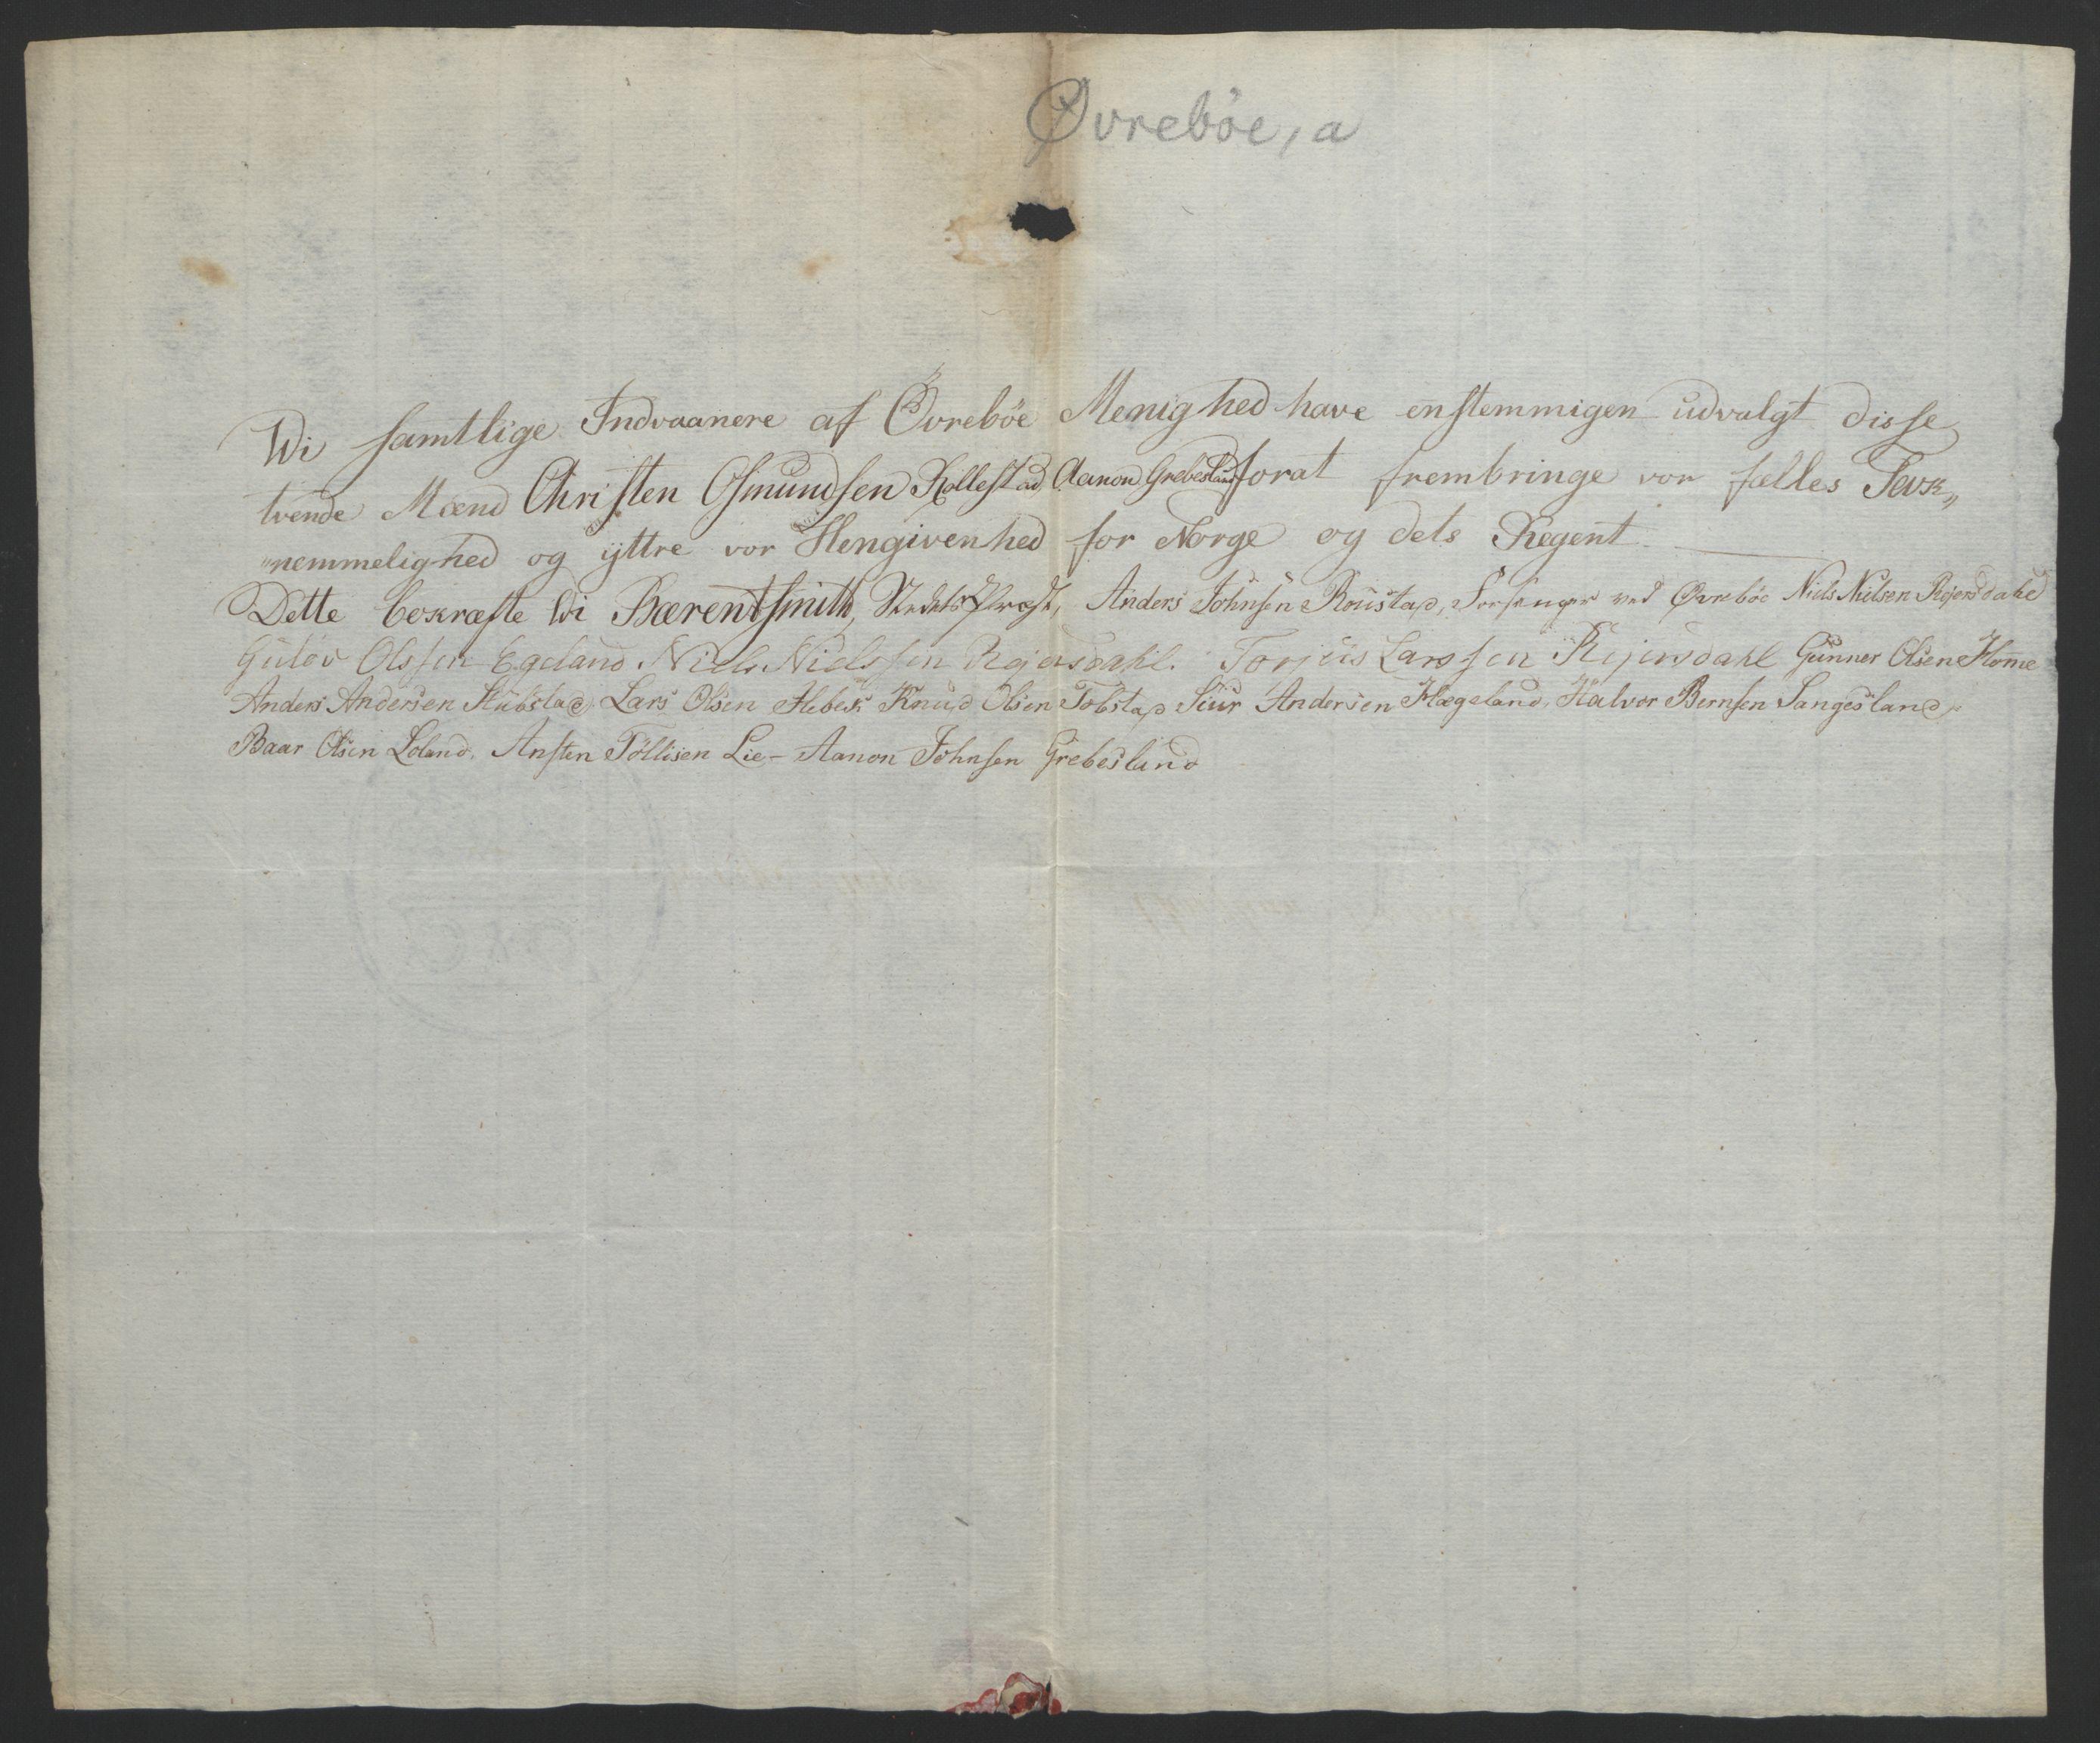 RA, Statsrådssekretariatet, D/Db/L0008: Fullmakter for Eidsvollsrepresentantene i 1814. , 1814, s. 143